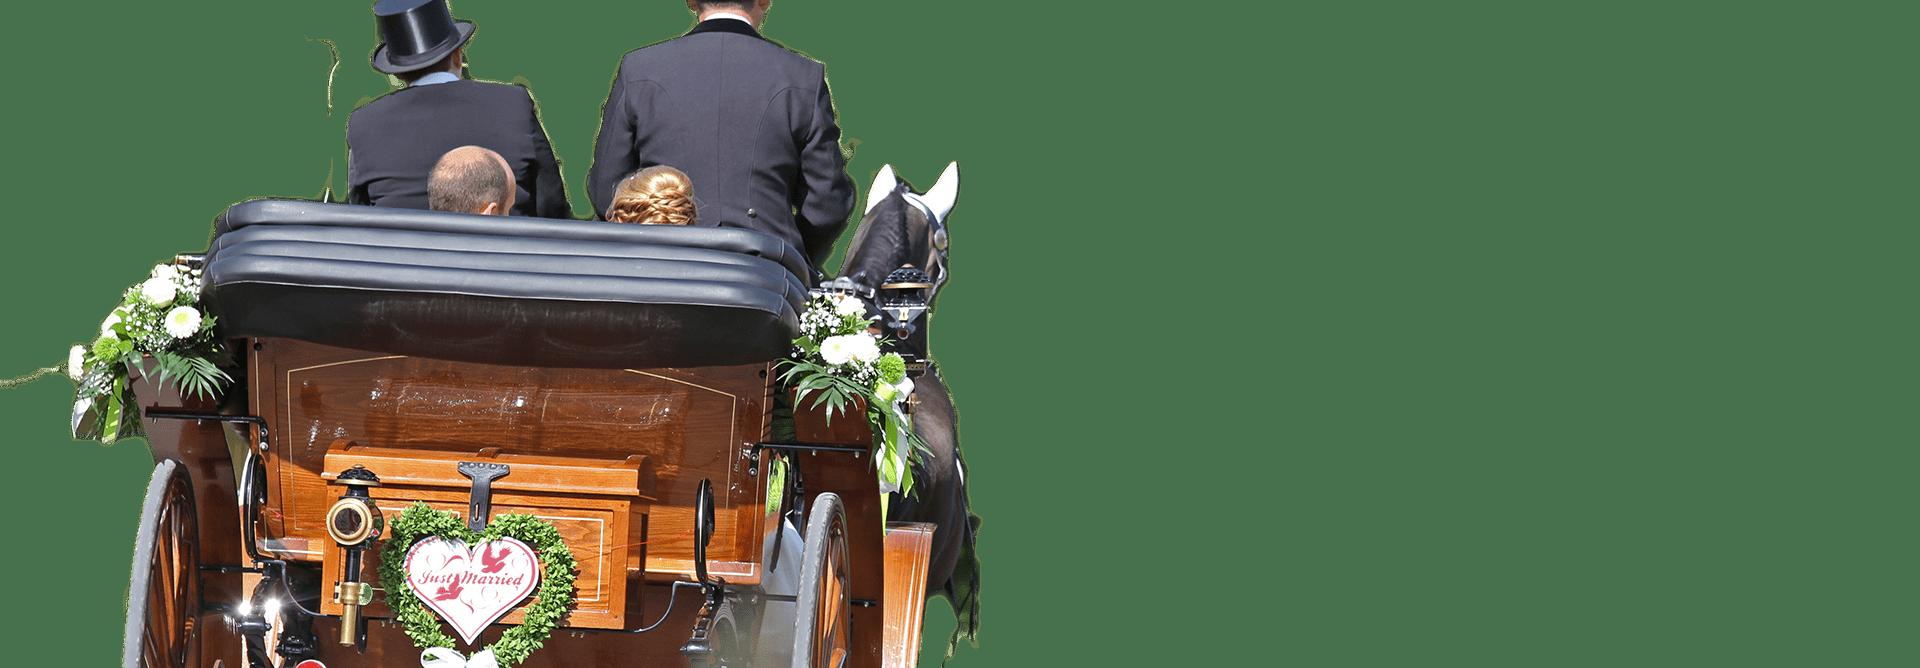 La location de calèche pour un mariage dans l'Oise